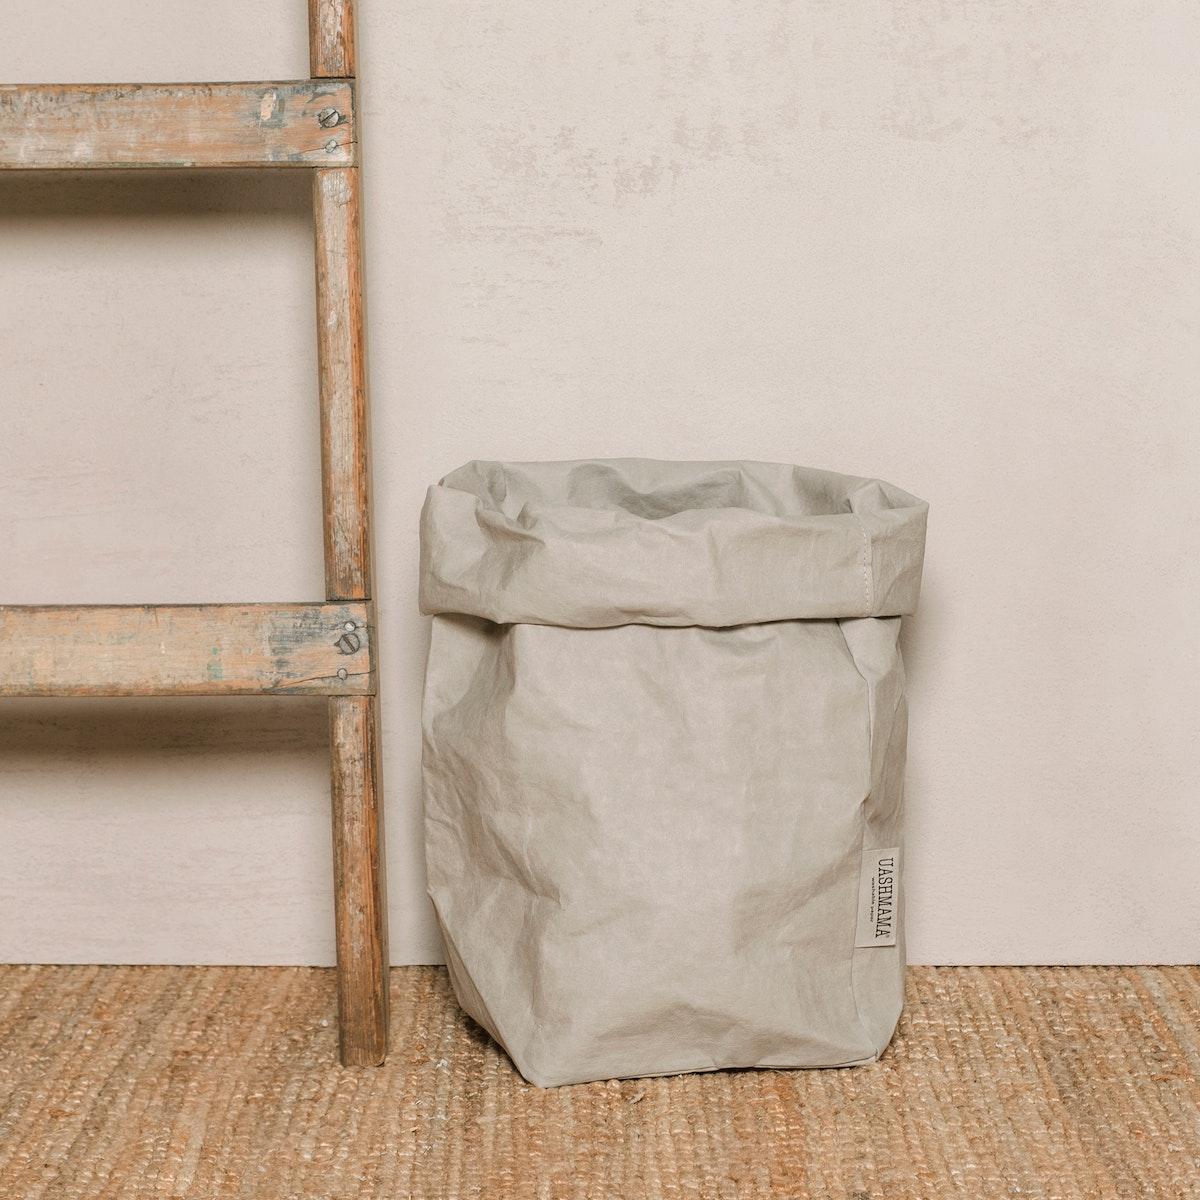 UASHMAMA Paper Bag Basic Extra Large